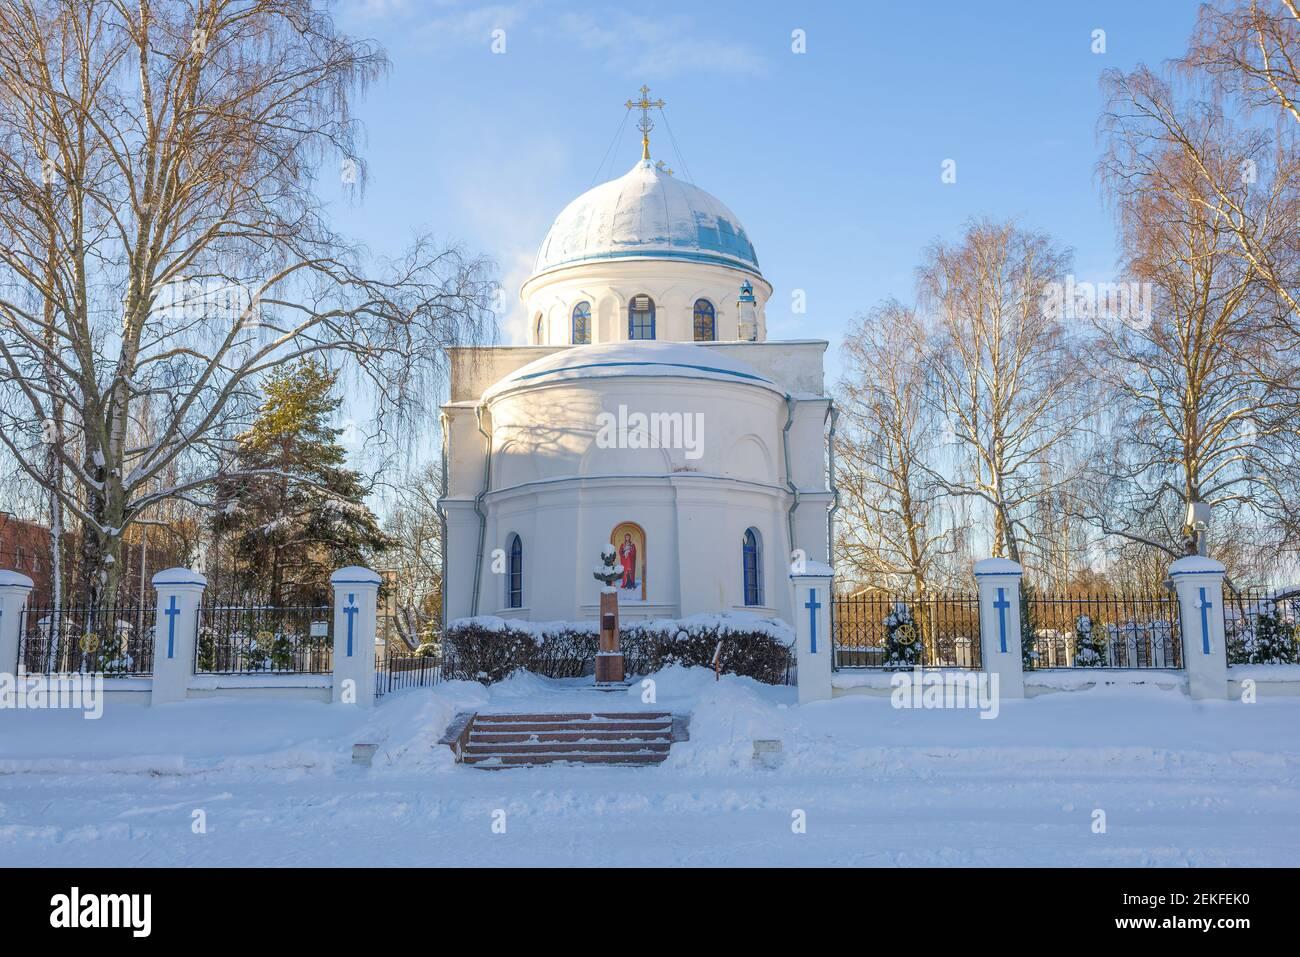 Catedral de la Natividad de la Santísima Virgen María en un soleado día de febrero. Priozersk, Rusia Foto de stock